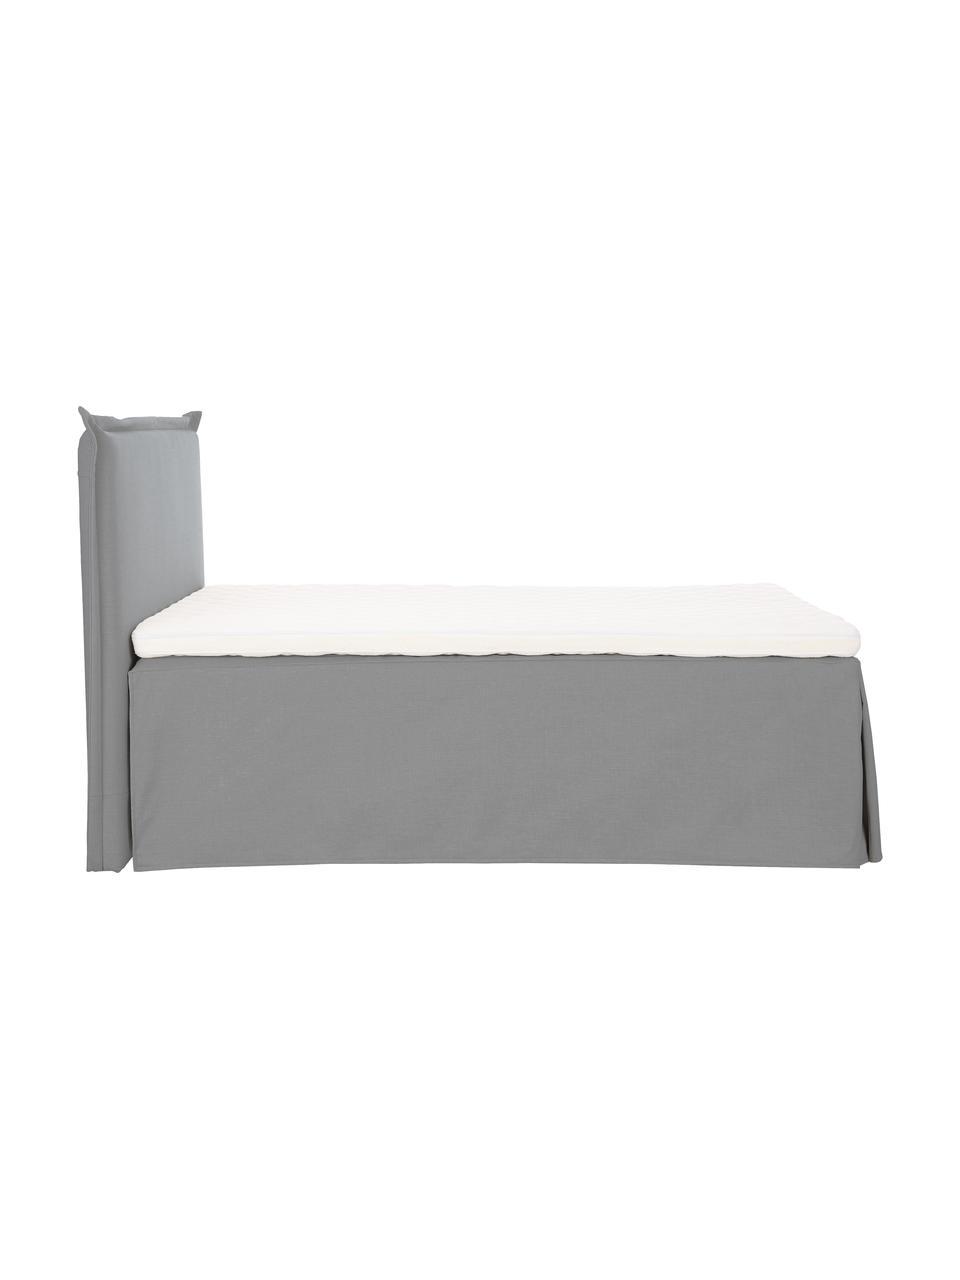 Premium Boxspringbett Violet in Grau, Matratze: 5-Zonen-Taschenfederkern, Füße: Massives Birkenholz, lack, Webstoff Grau, 140 x 200 cm